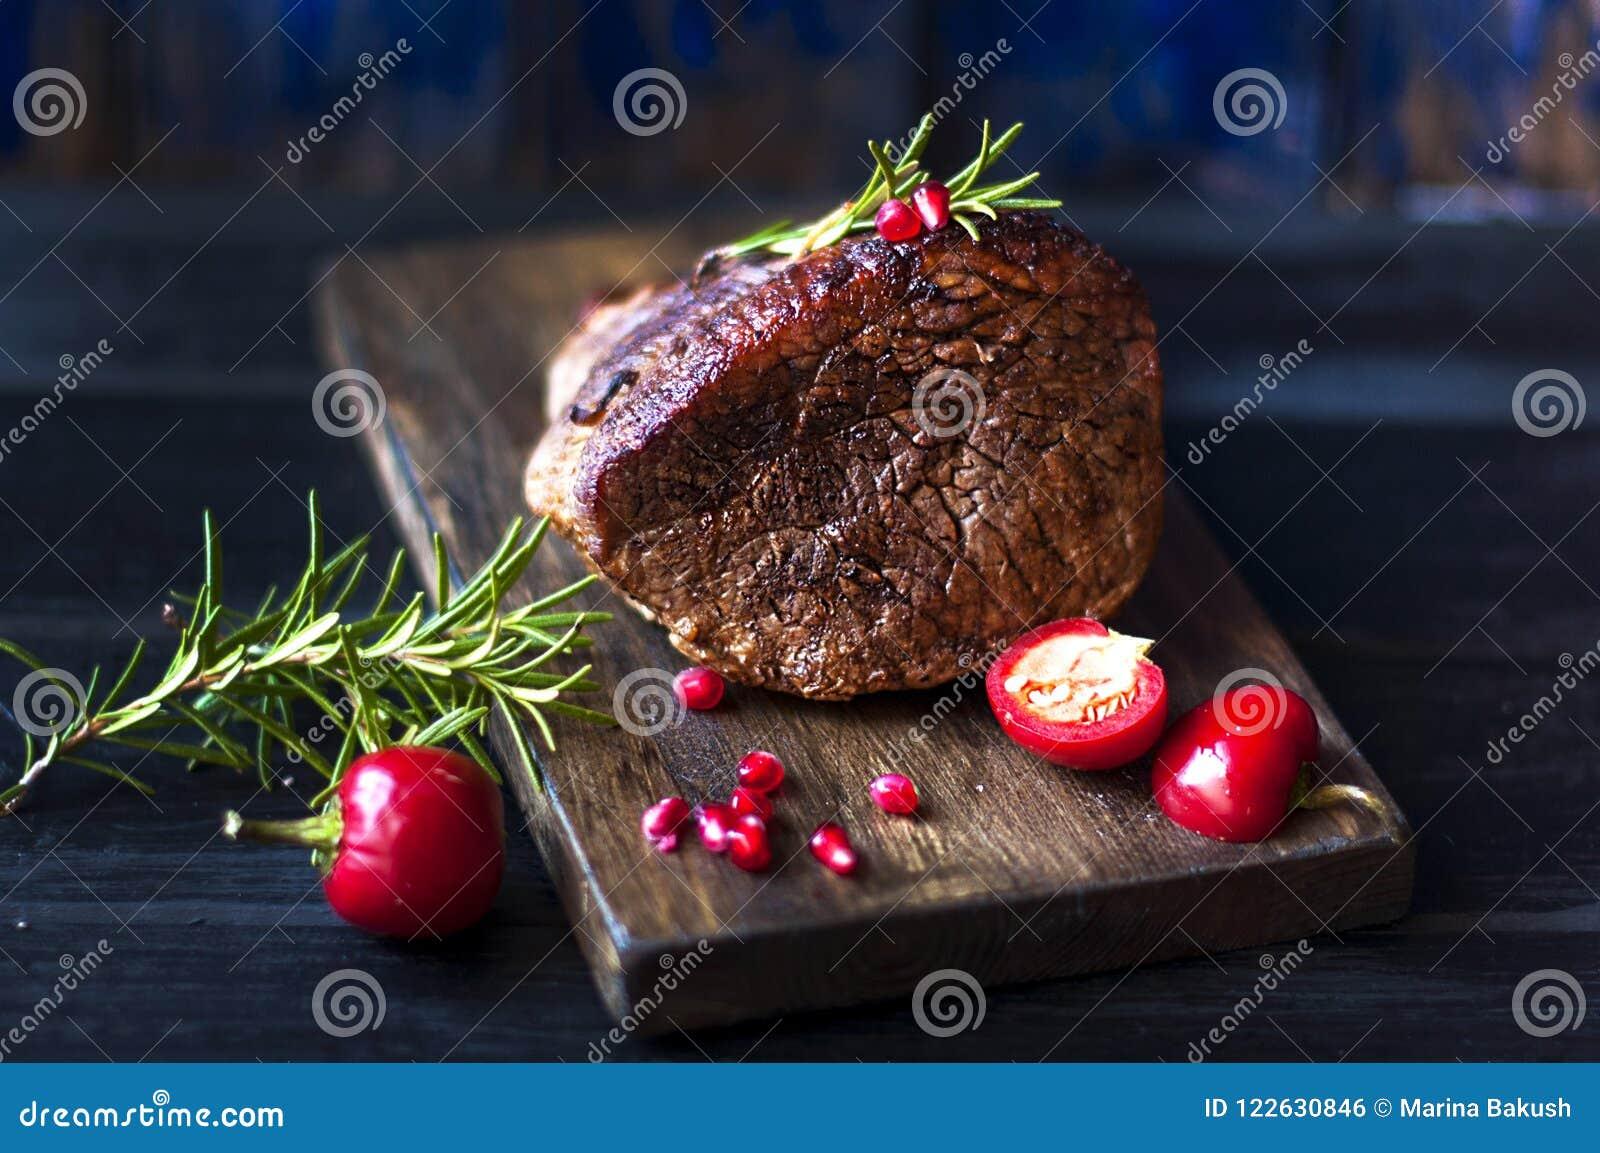 Ψημένο κρέας με το δεντρολίβανο και το κόκκινο πιπέρι Μπριζόλα beefburger γεύμα για τα άτομα Σκοτεινή φωτογραφία Μαύρη ανασκόπηση